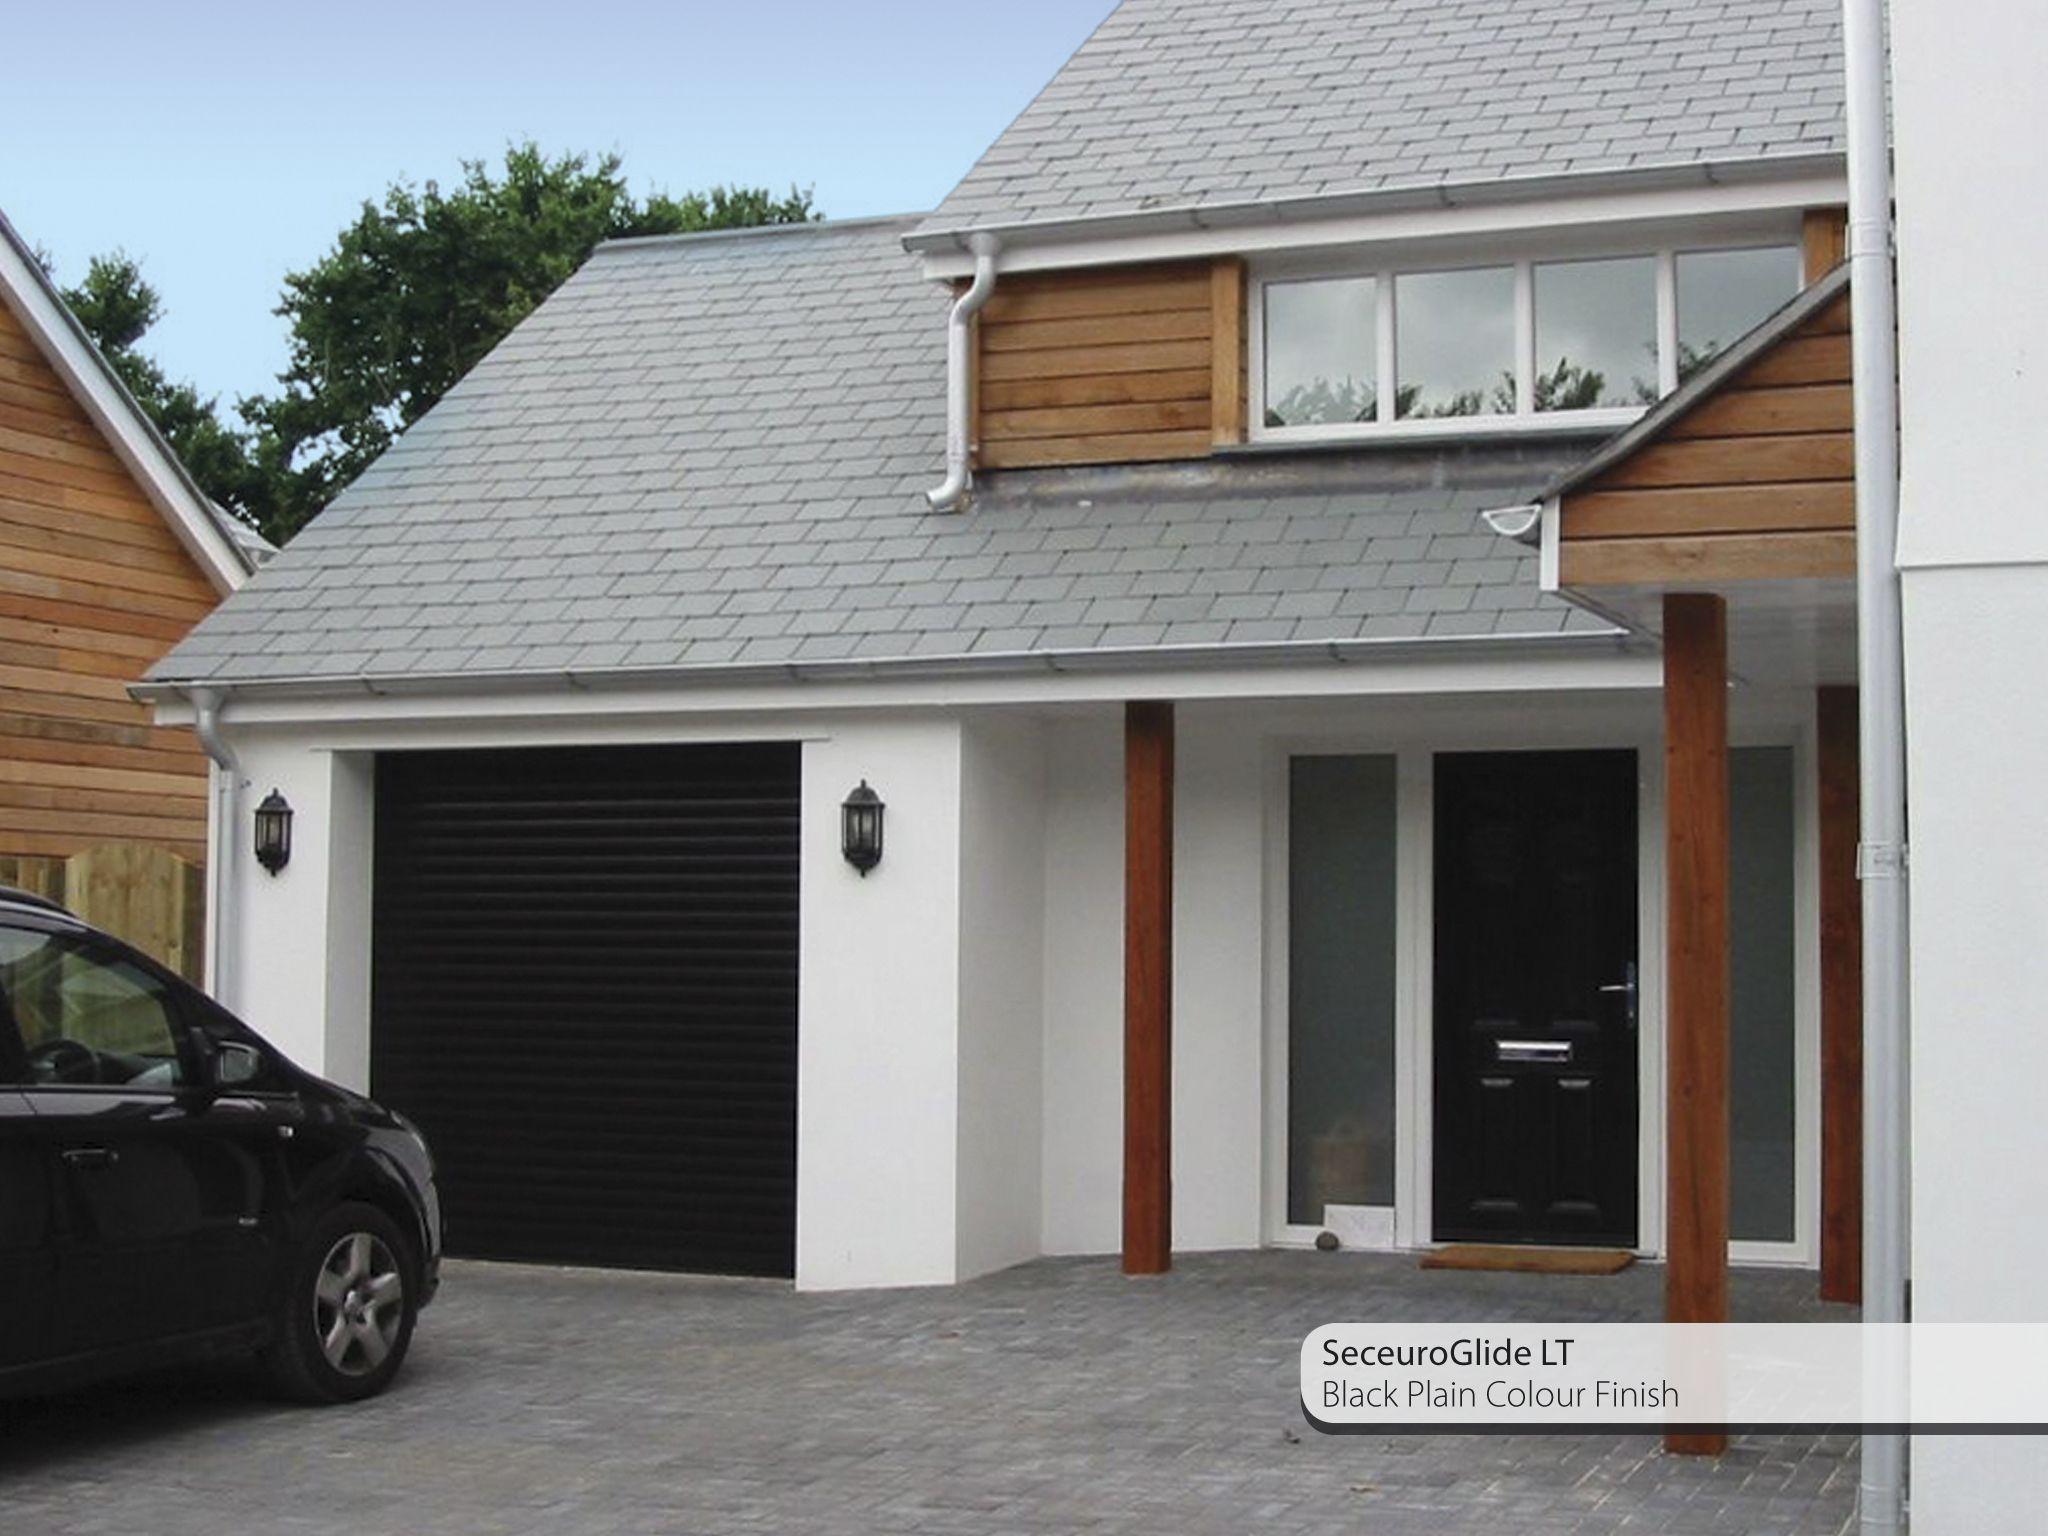 Grey house black garage doors - Roglide Lt Black Jpg 2 048 1 536 Pixels